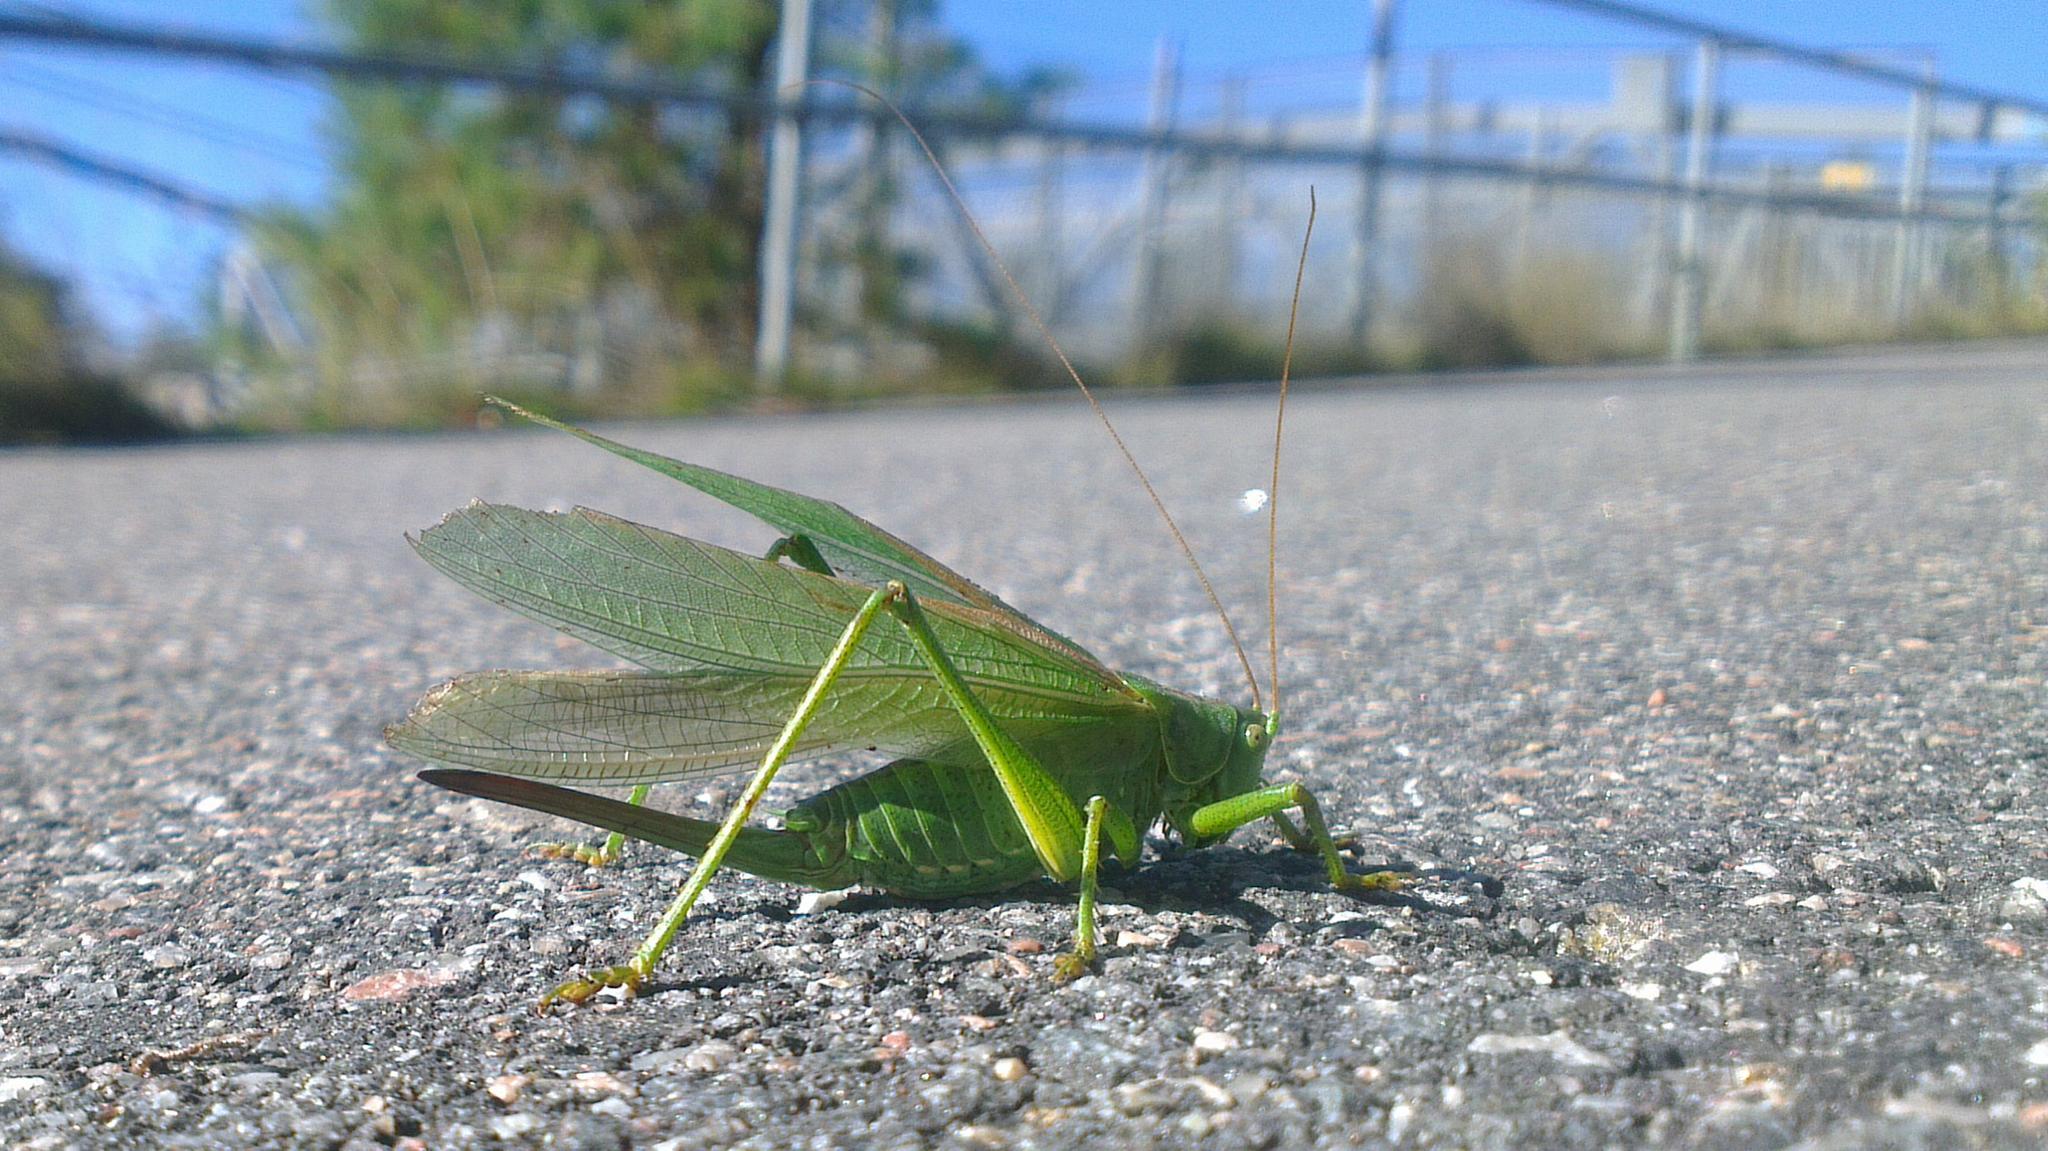 cricket by amabrawyin